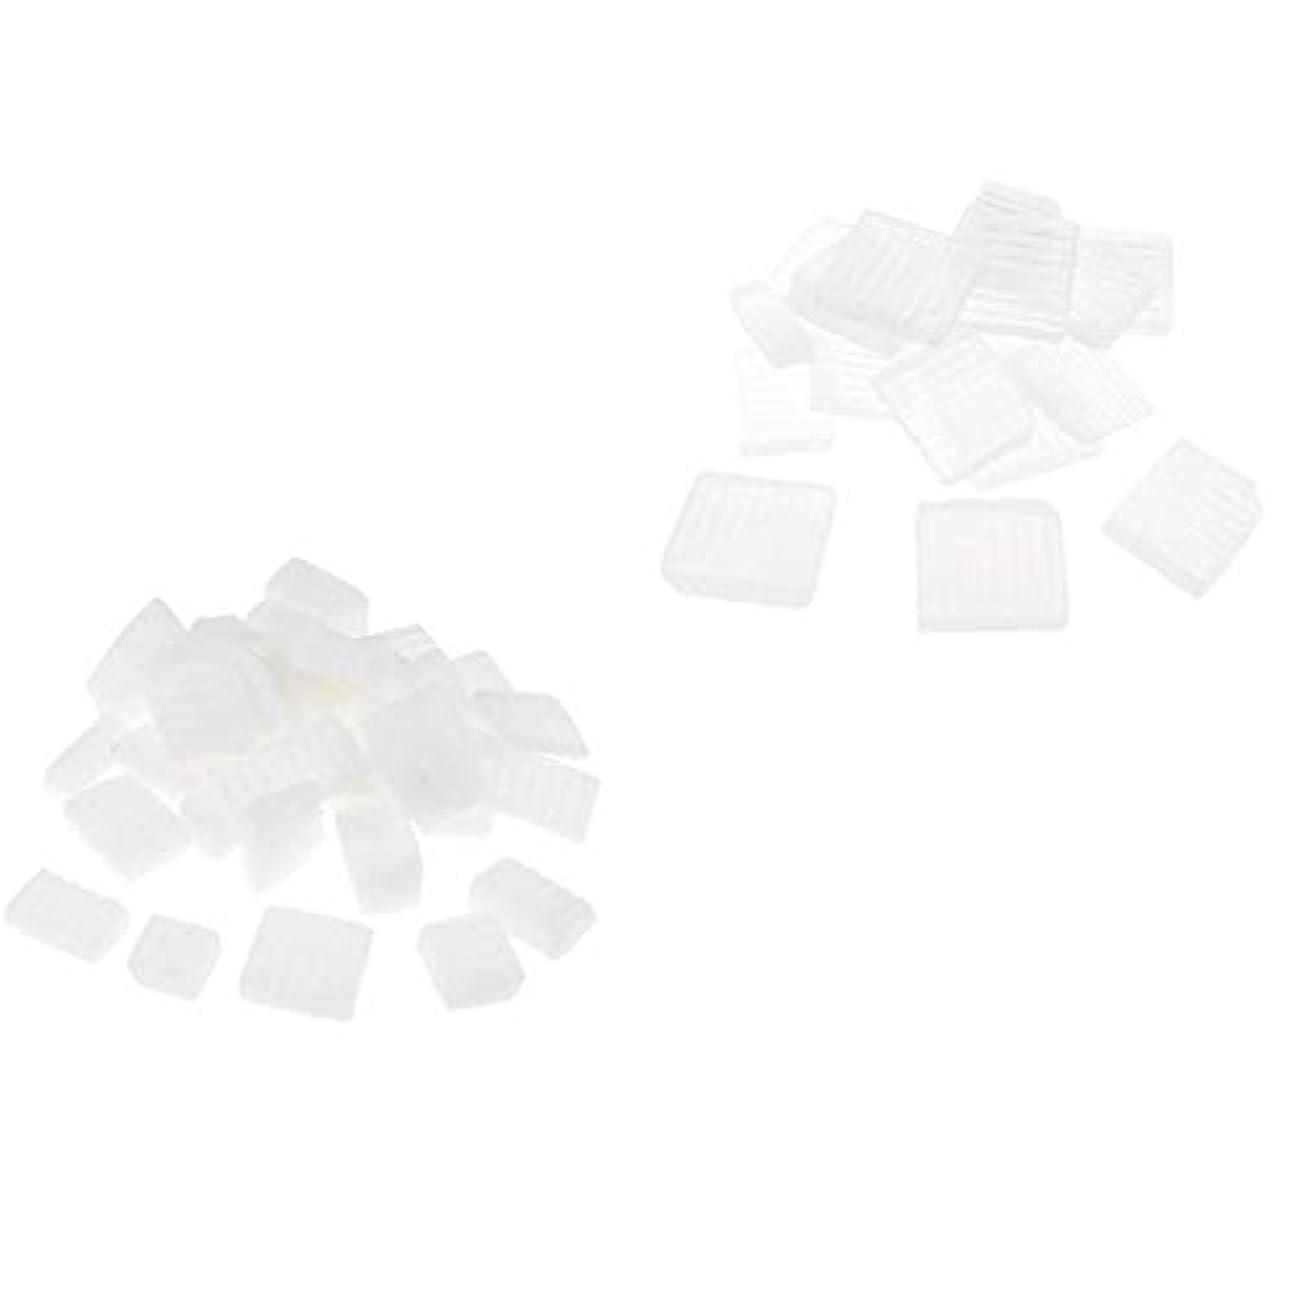 ティーム複雑返還D DOLITY 固形せっけん 2KG ホワイトクリア DIY工芸 手作り バス用品 石鹸製造 創造力 2種 混合